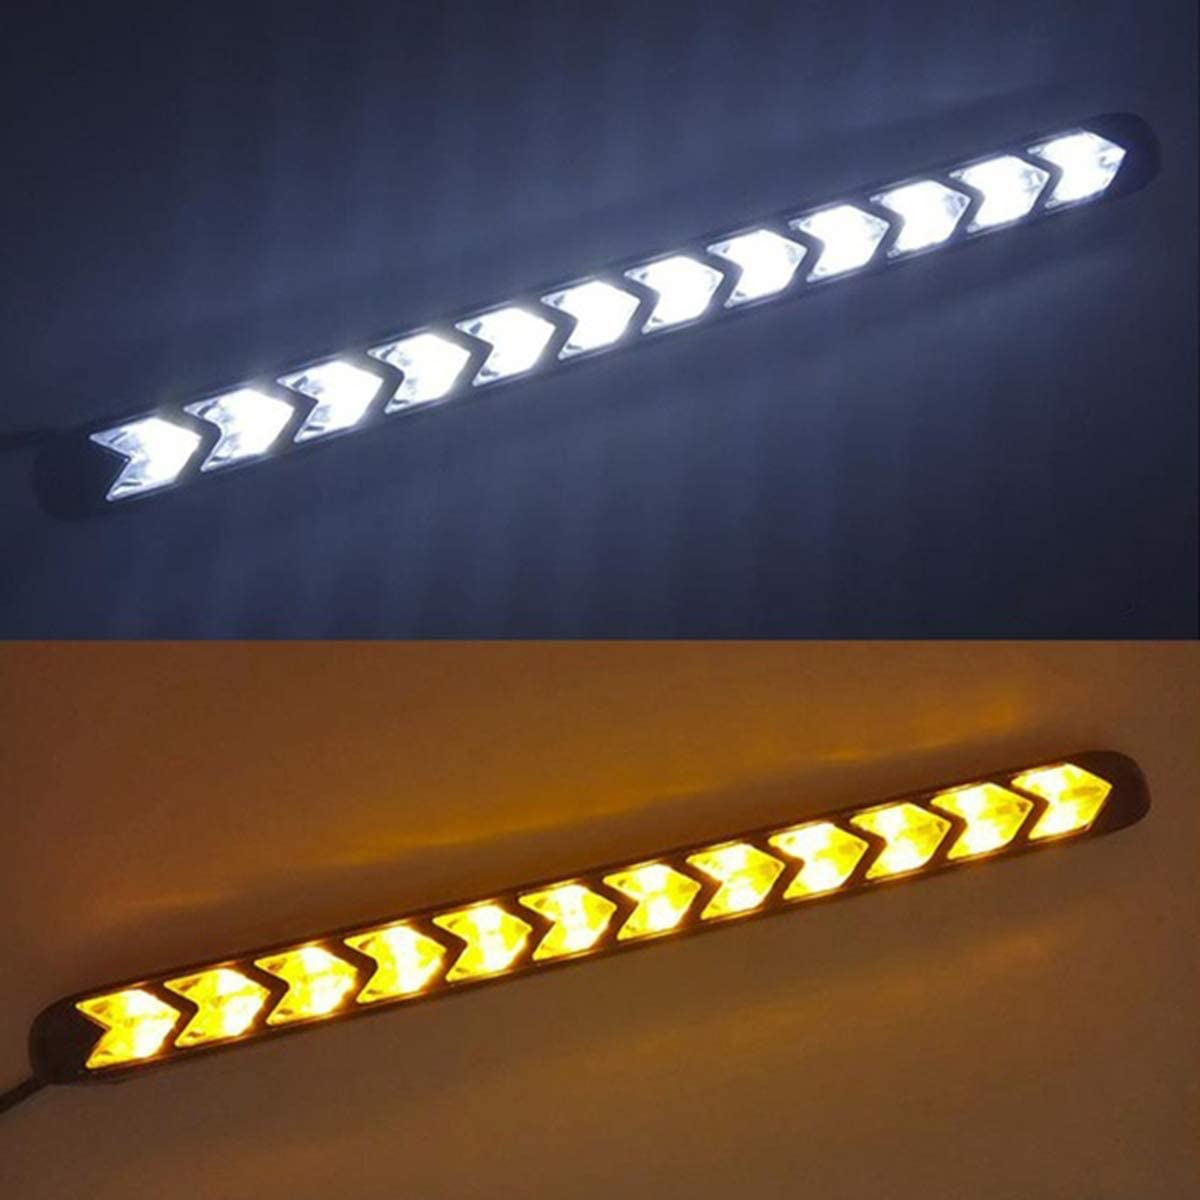 universales de doble color tira de luz LED flexible para coche Hanpmy luces intermitentes secuenciales intermitentes impermeables